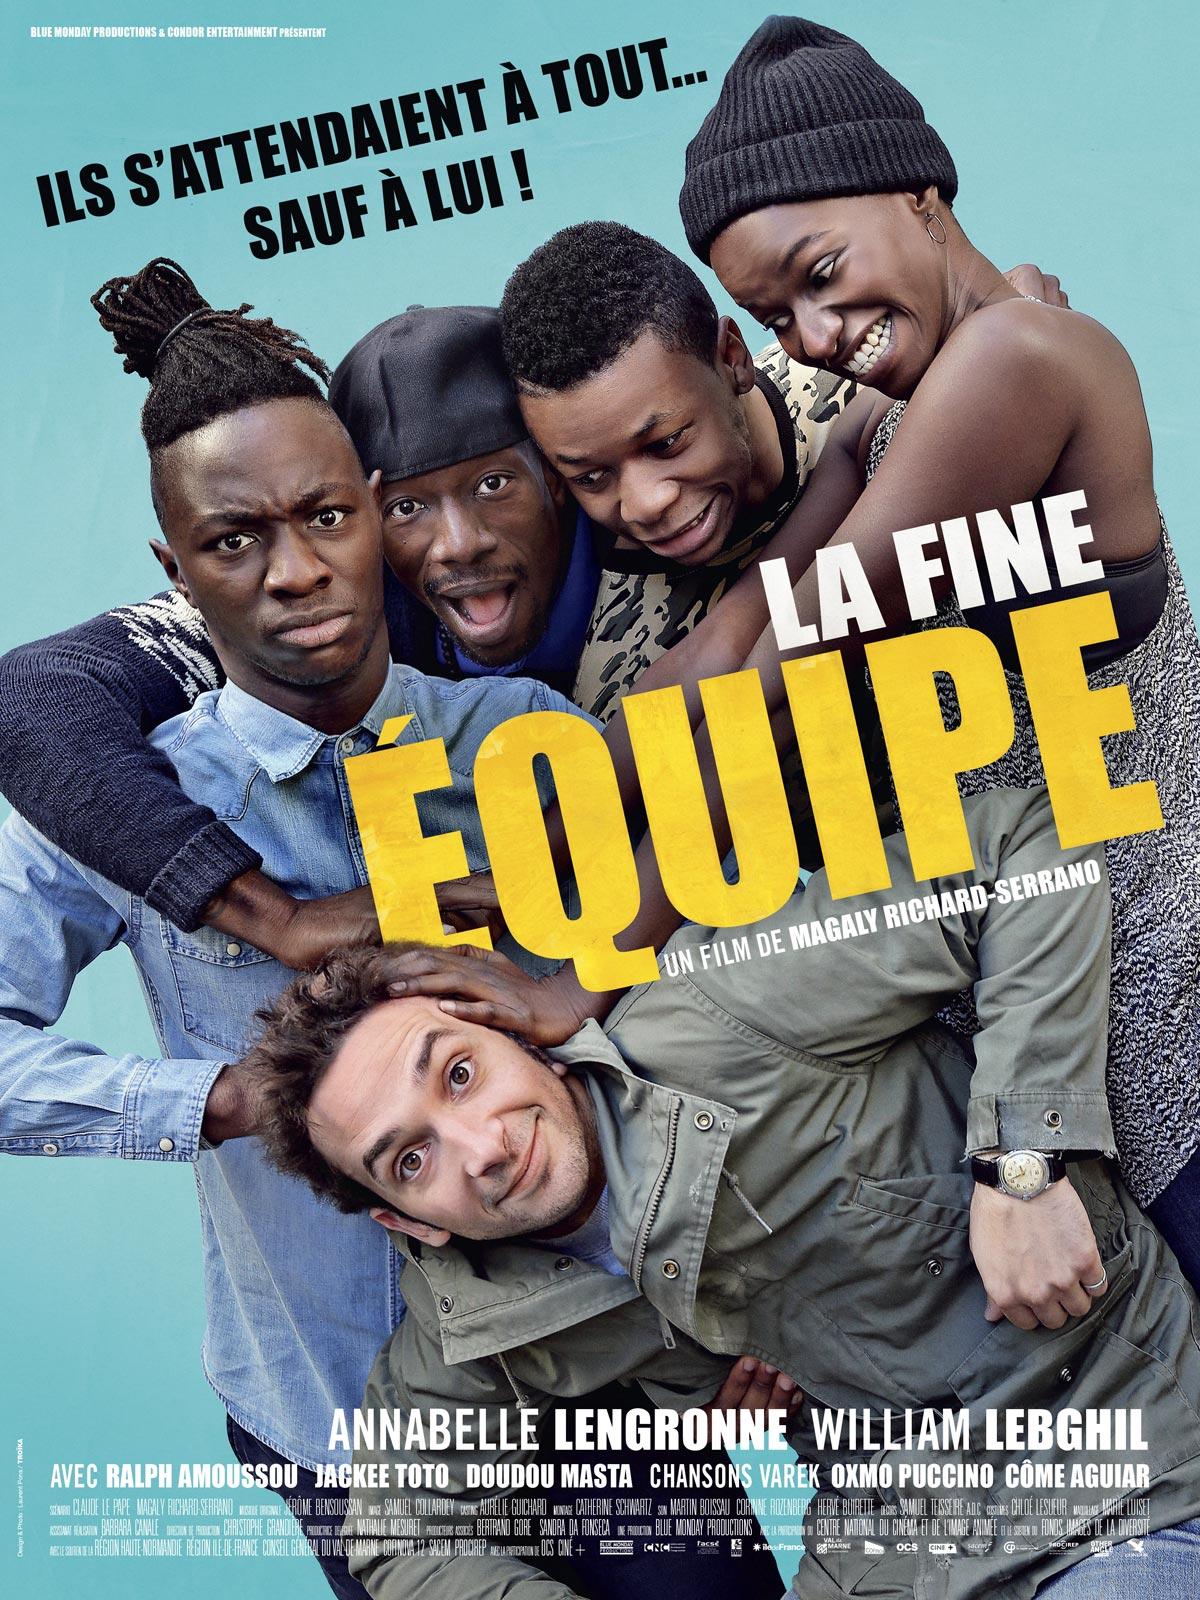 La Fine équipe Français DVDRiP